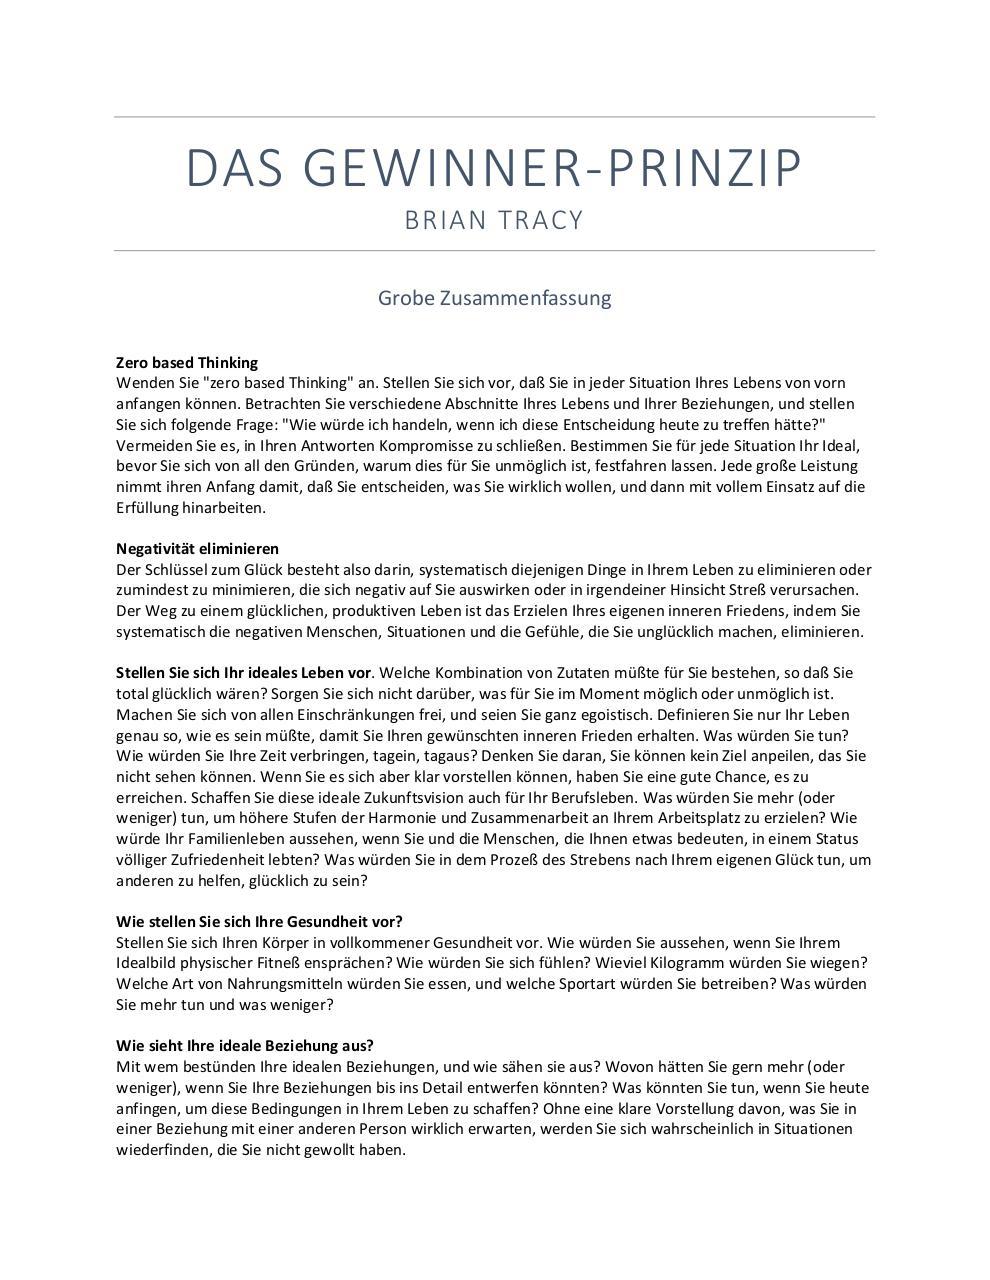 Gewinner Prinzip Zusammenfassung by kmatth@aol.com - PDF Archive